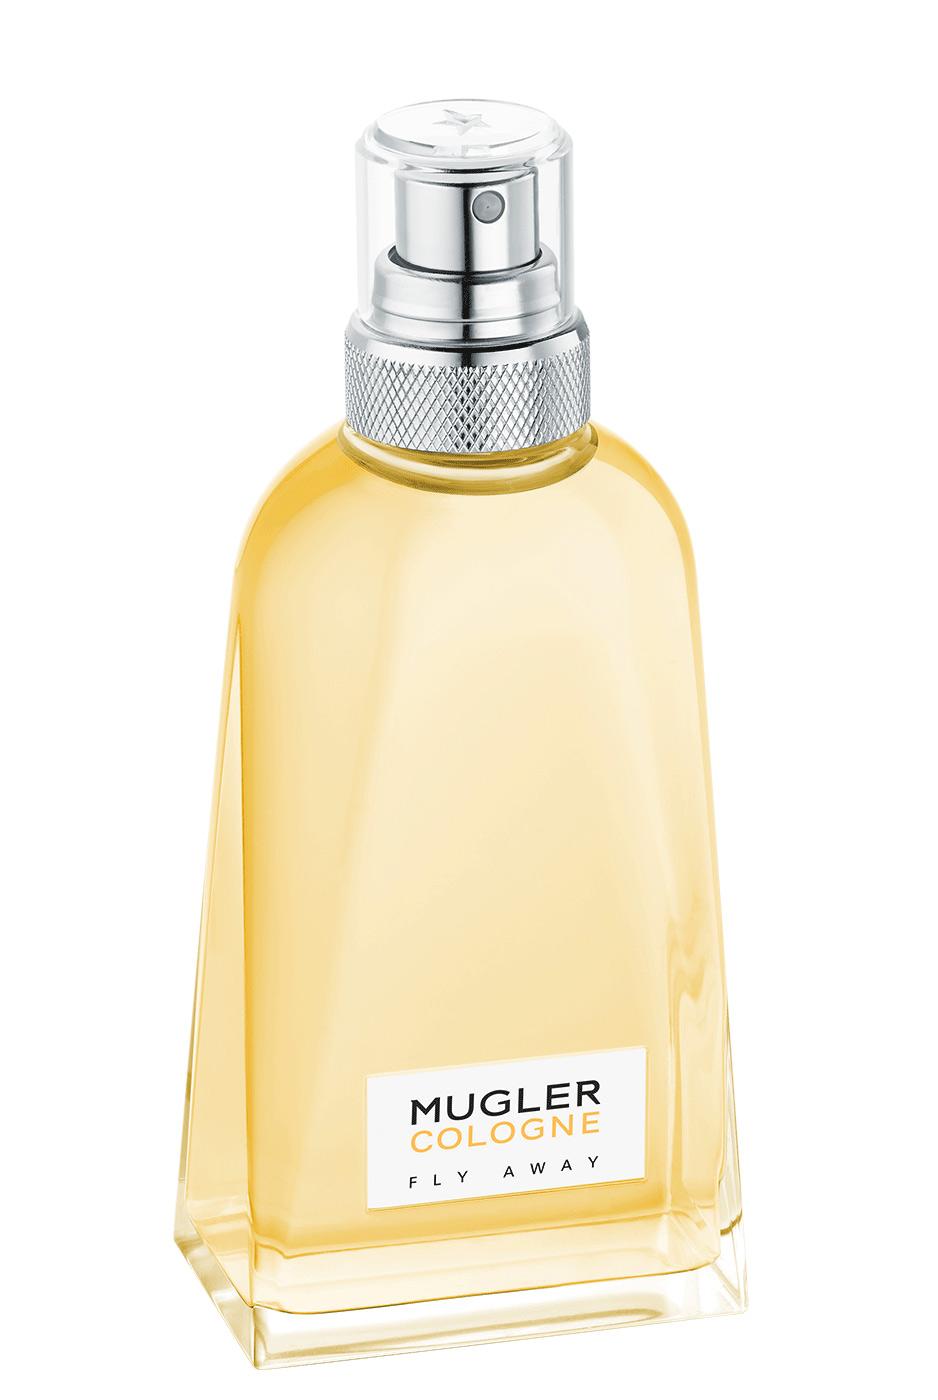 c7055236cb6 Mugler Cologne Fly Away Mugler perfume - a new fragrance for women ...